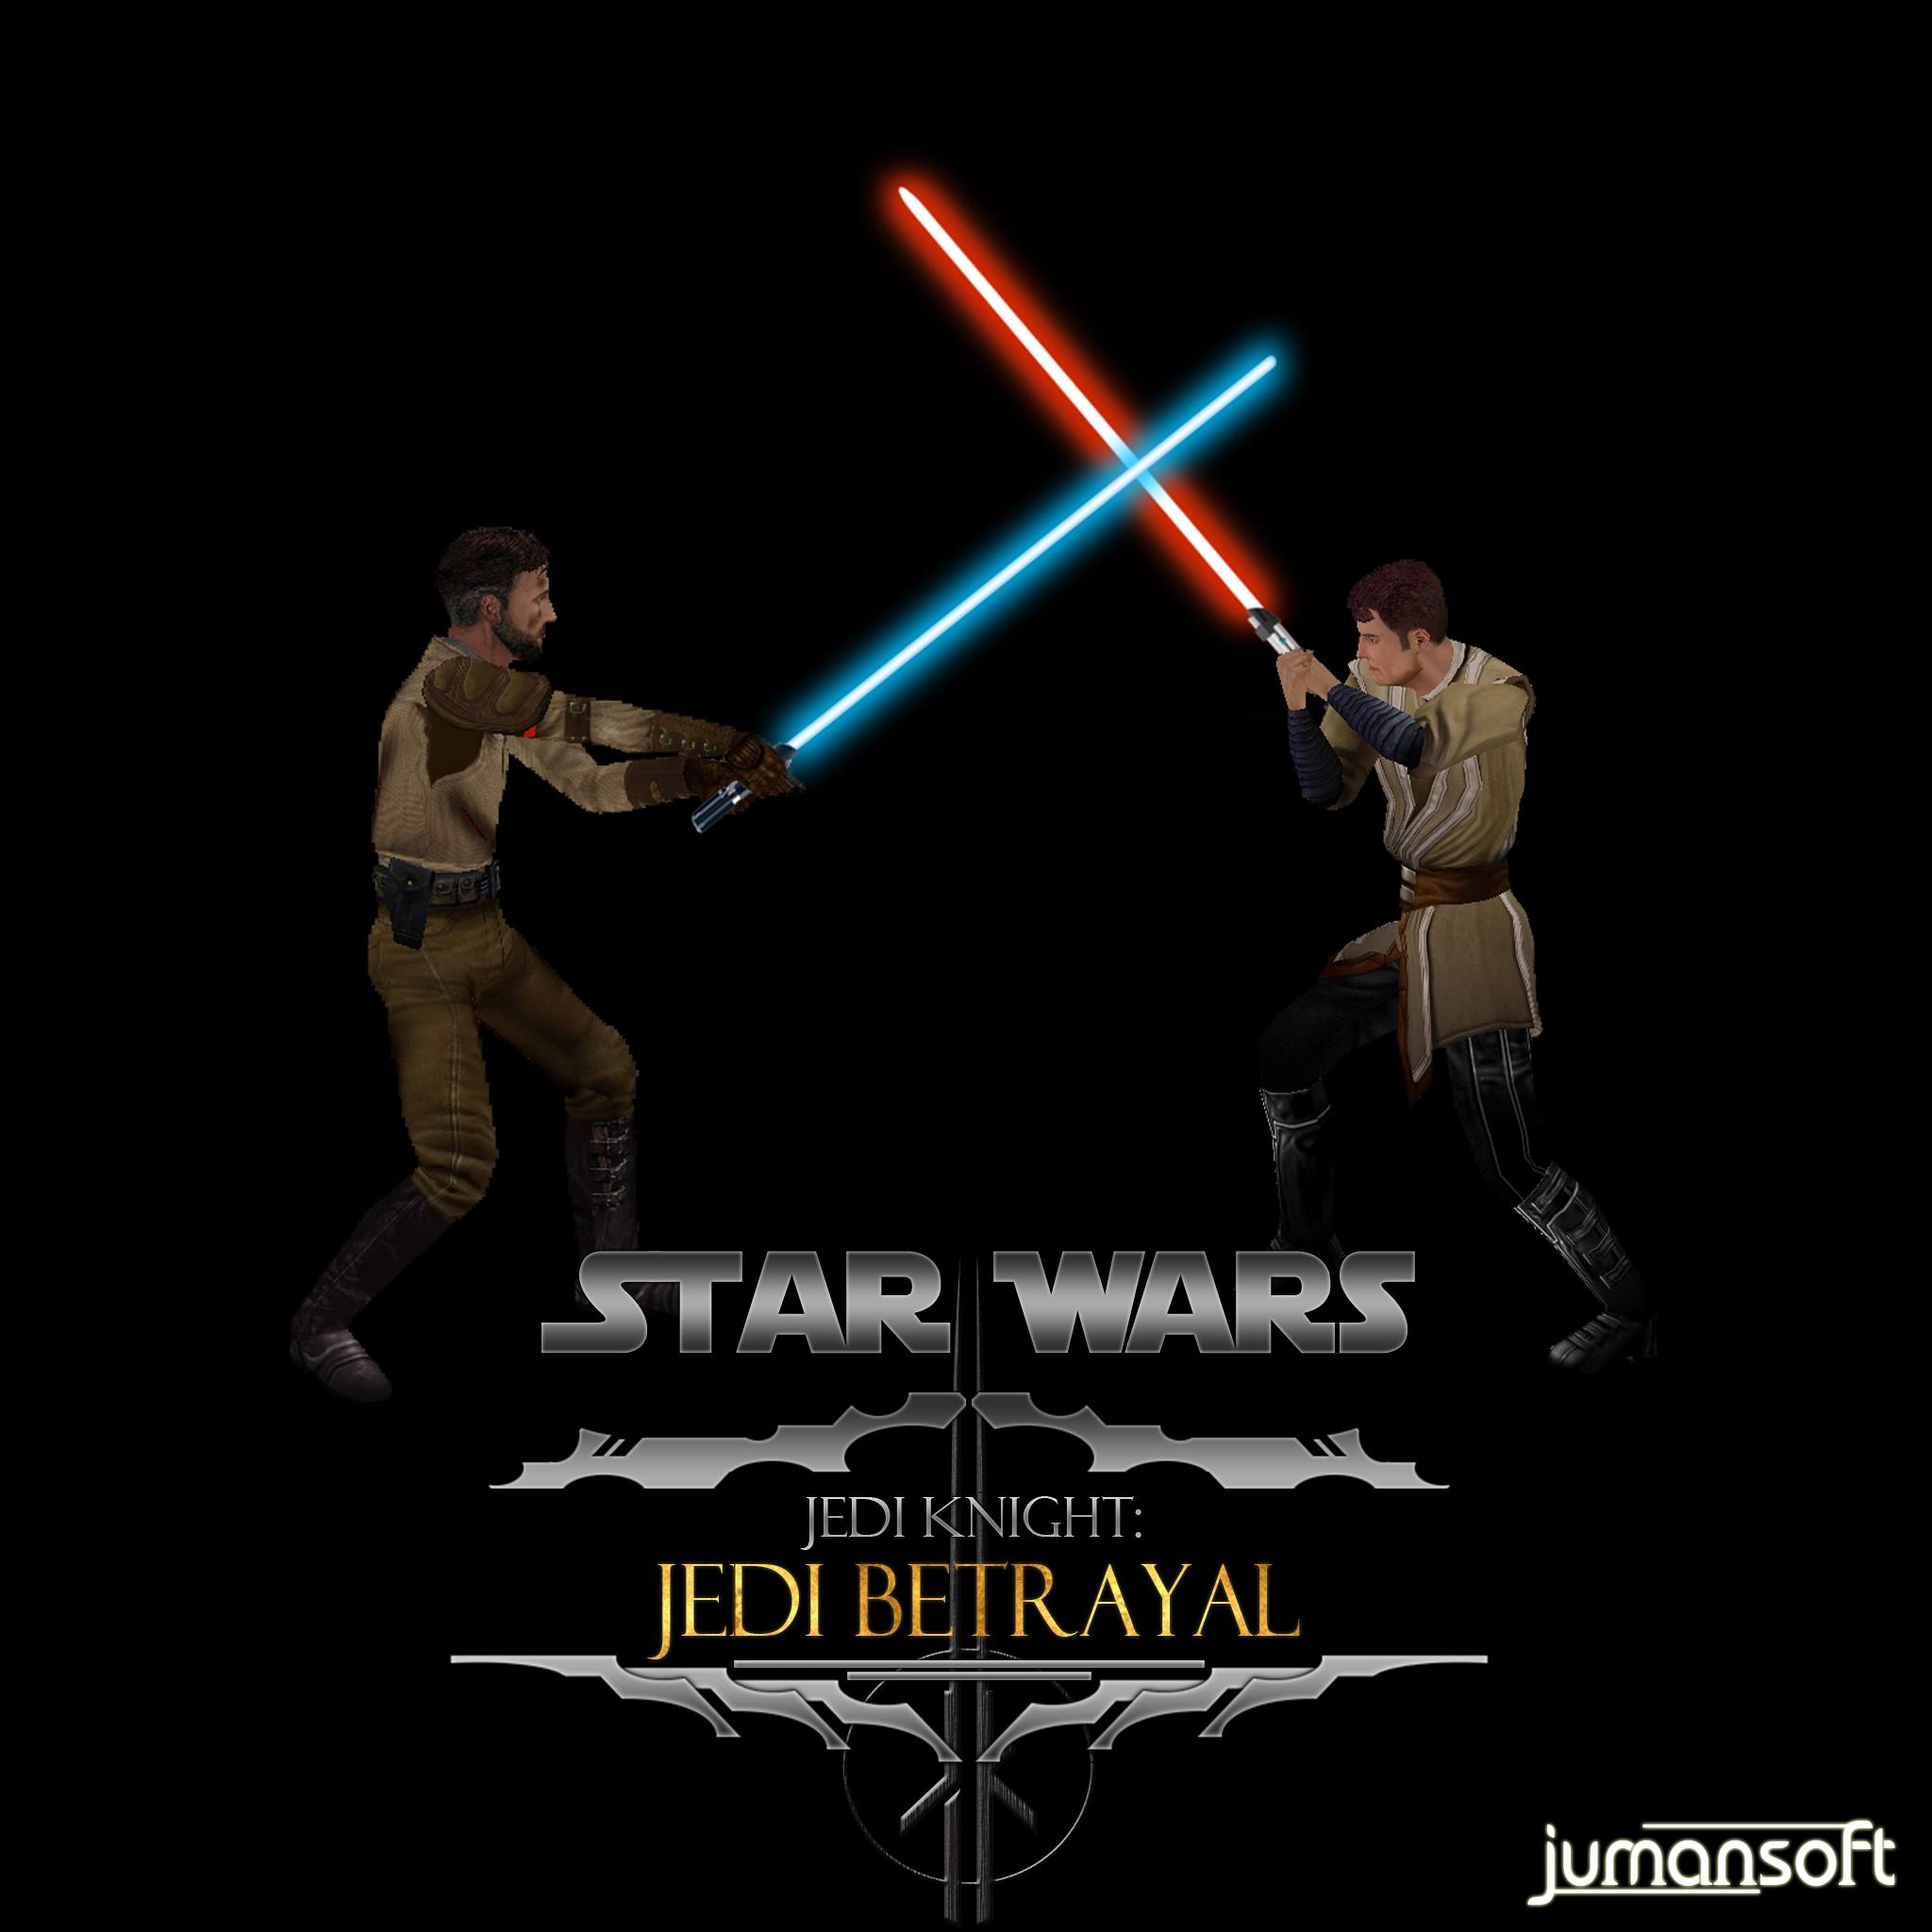 Jedi Wallpaper: Jedi Knight Wallpaper